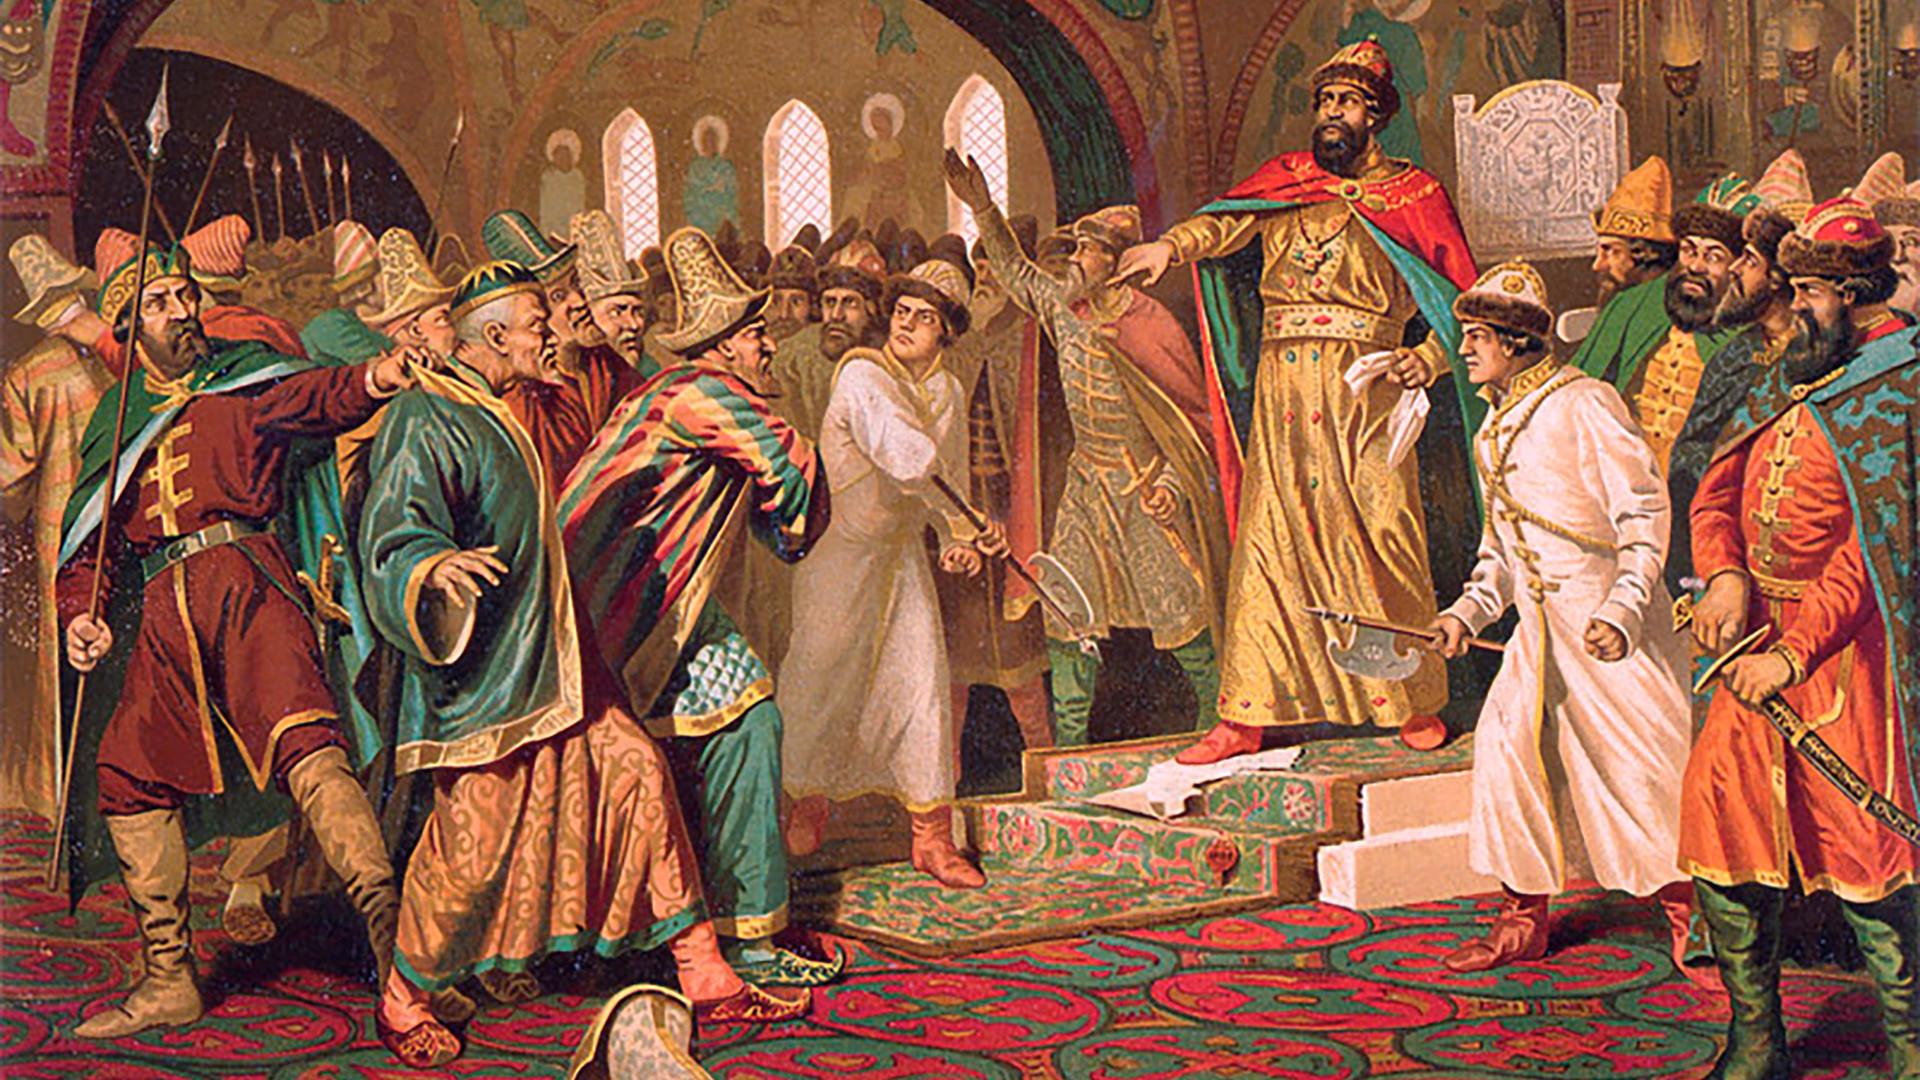 アフマド・ハンからの臣従要求の手紙を破り捨てるイワン3世